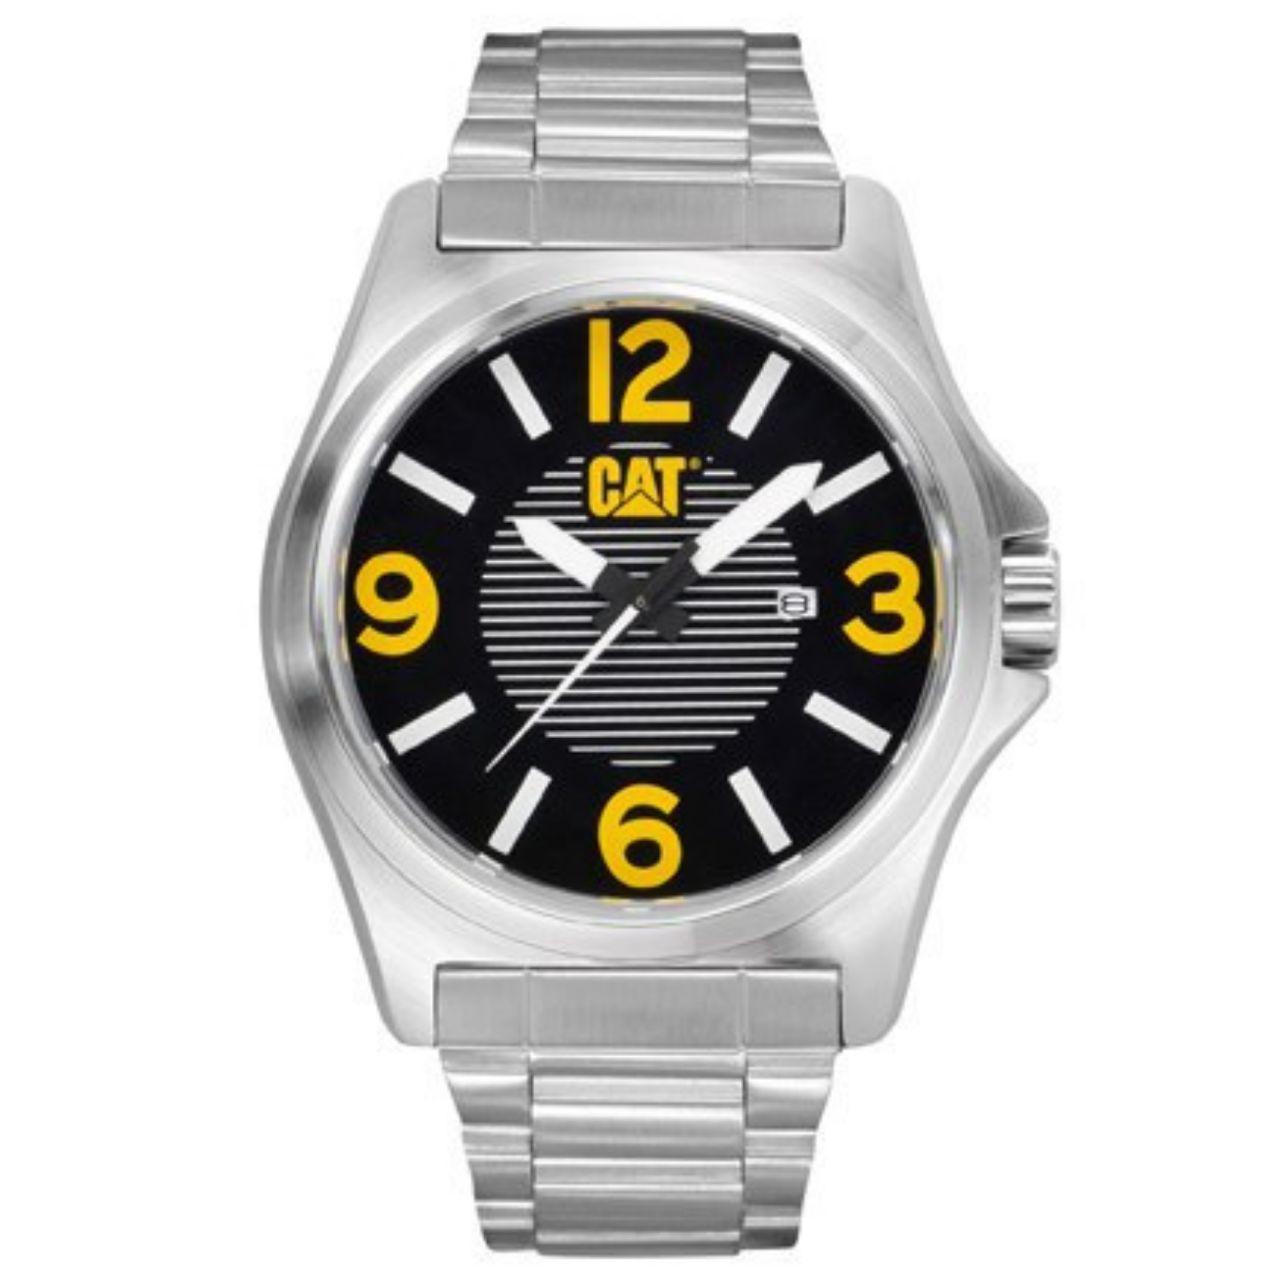 ساعت مچی عقربه ای مردانه کاترپیلار مدل PK.141.11.137